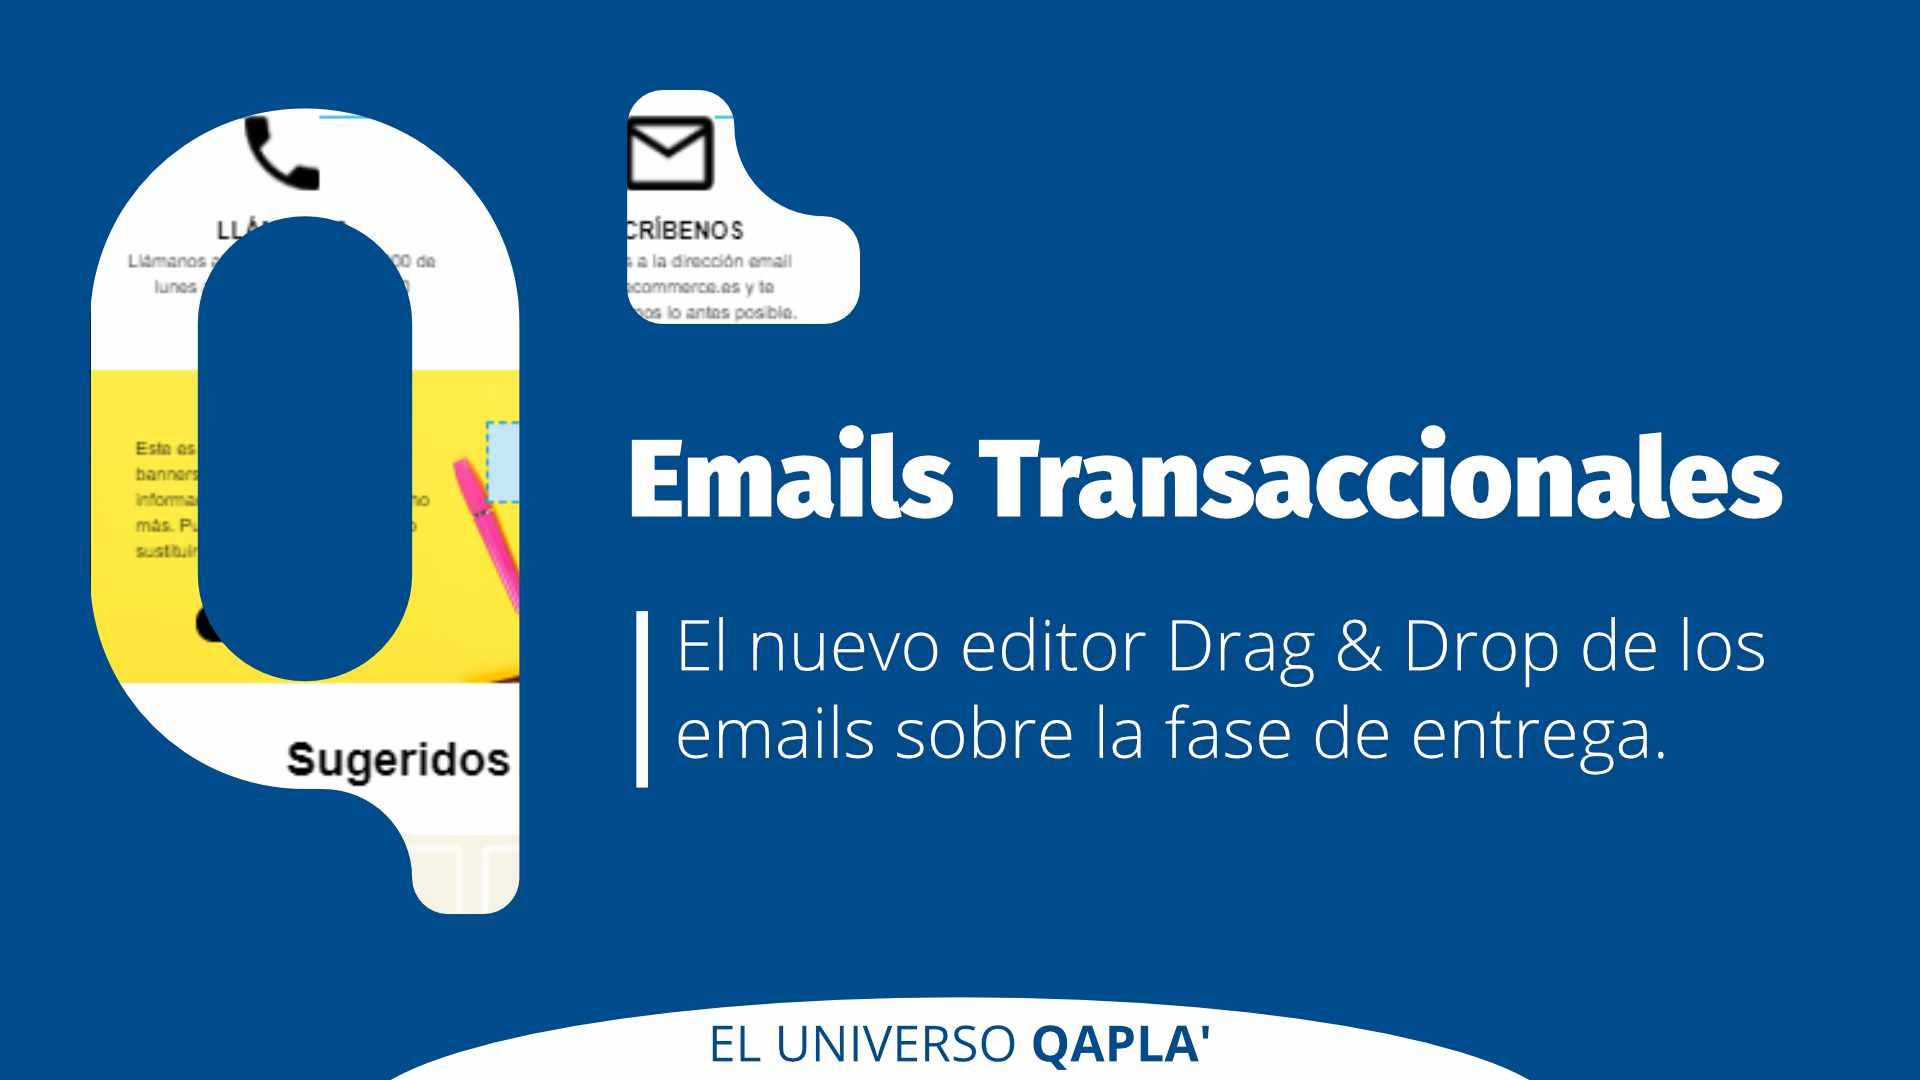 Disponible el nuevo editor de los emails transaccionales: diseñalas rápidamente con el drag&drop.